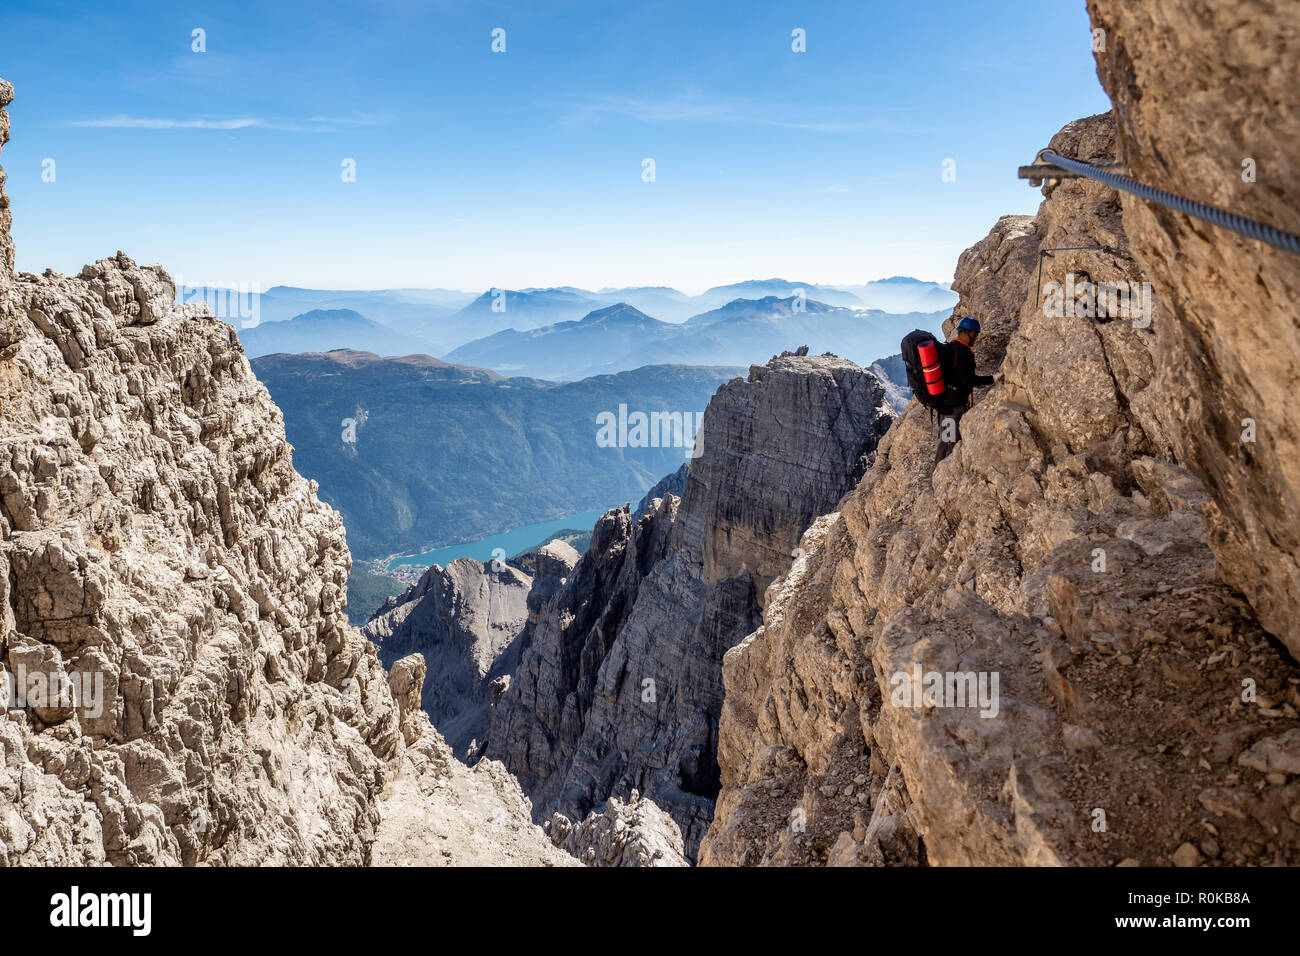 Klettersteig Outfit : Männliche bergsteiger am klettersteig in der atemberaubenden